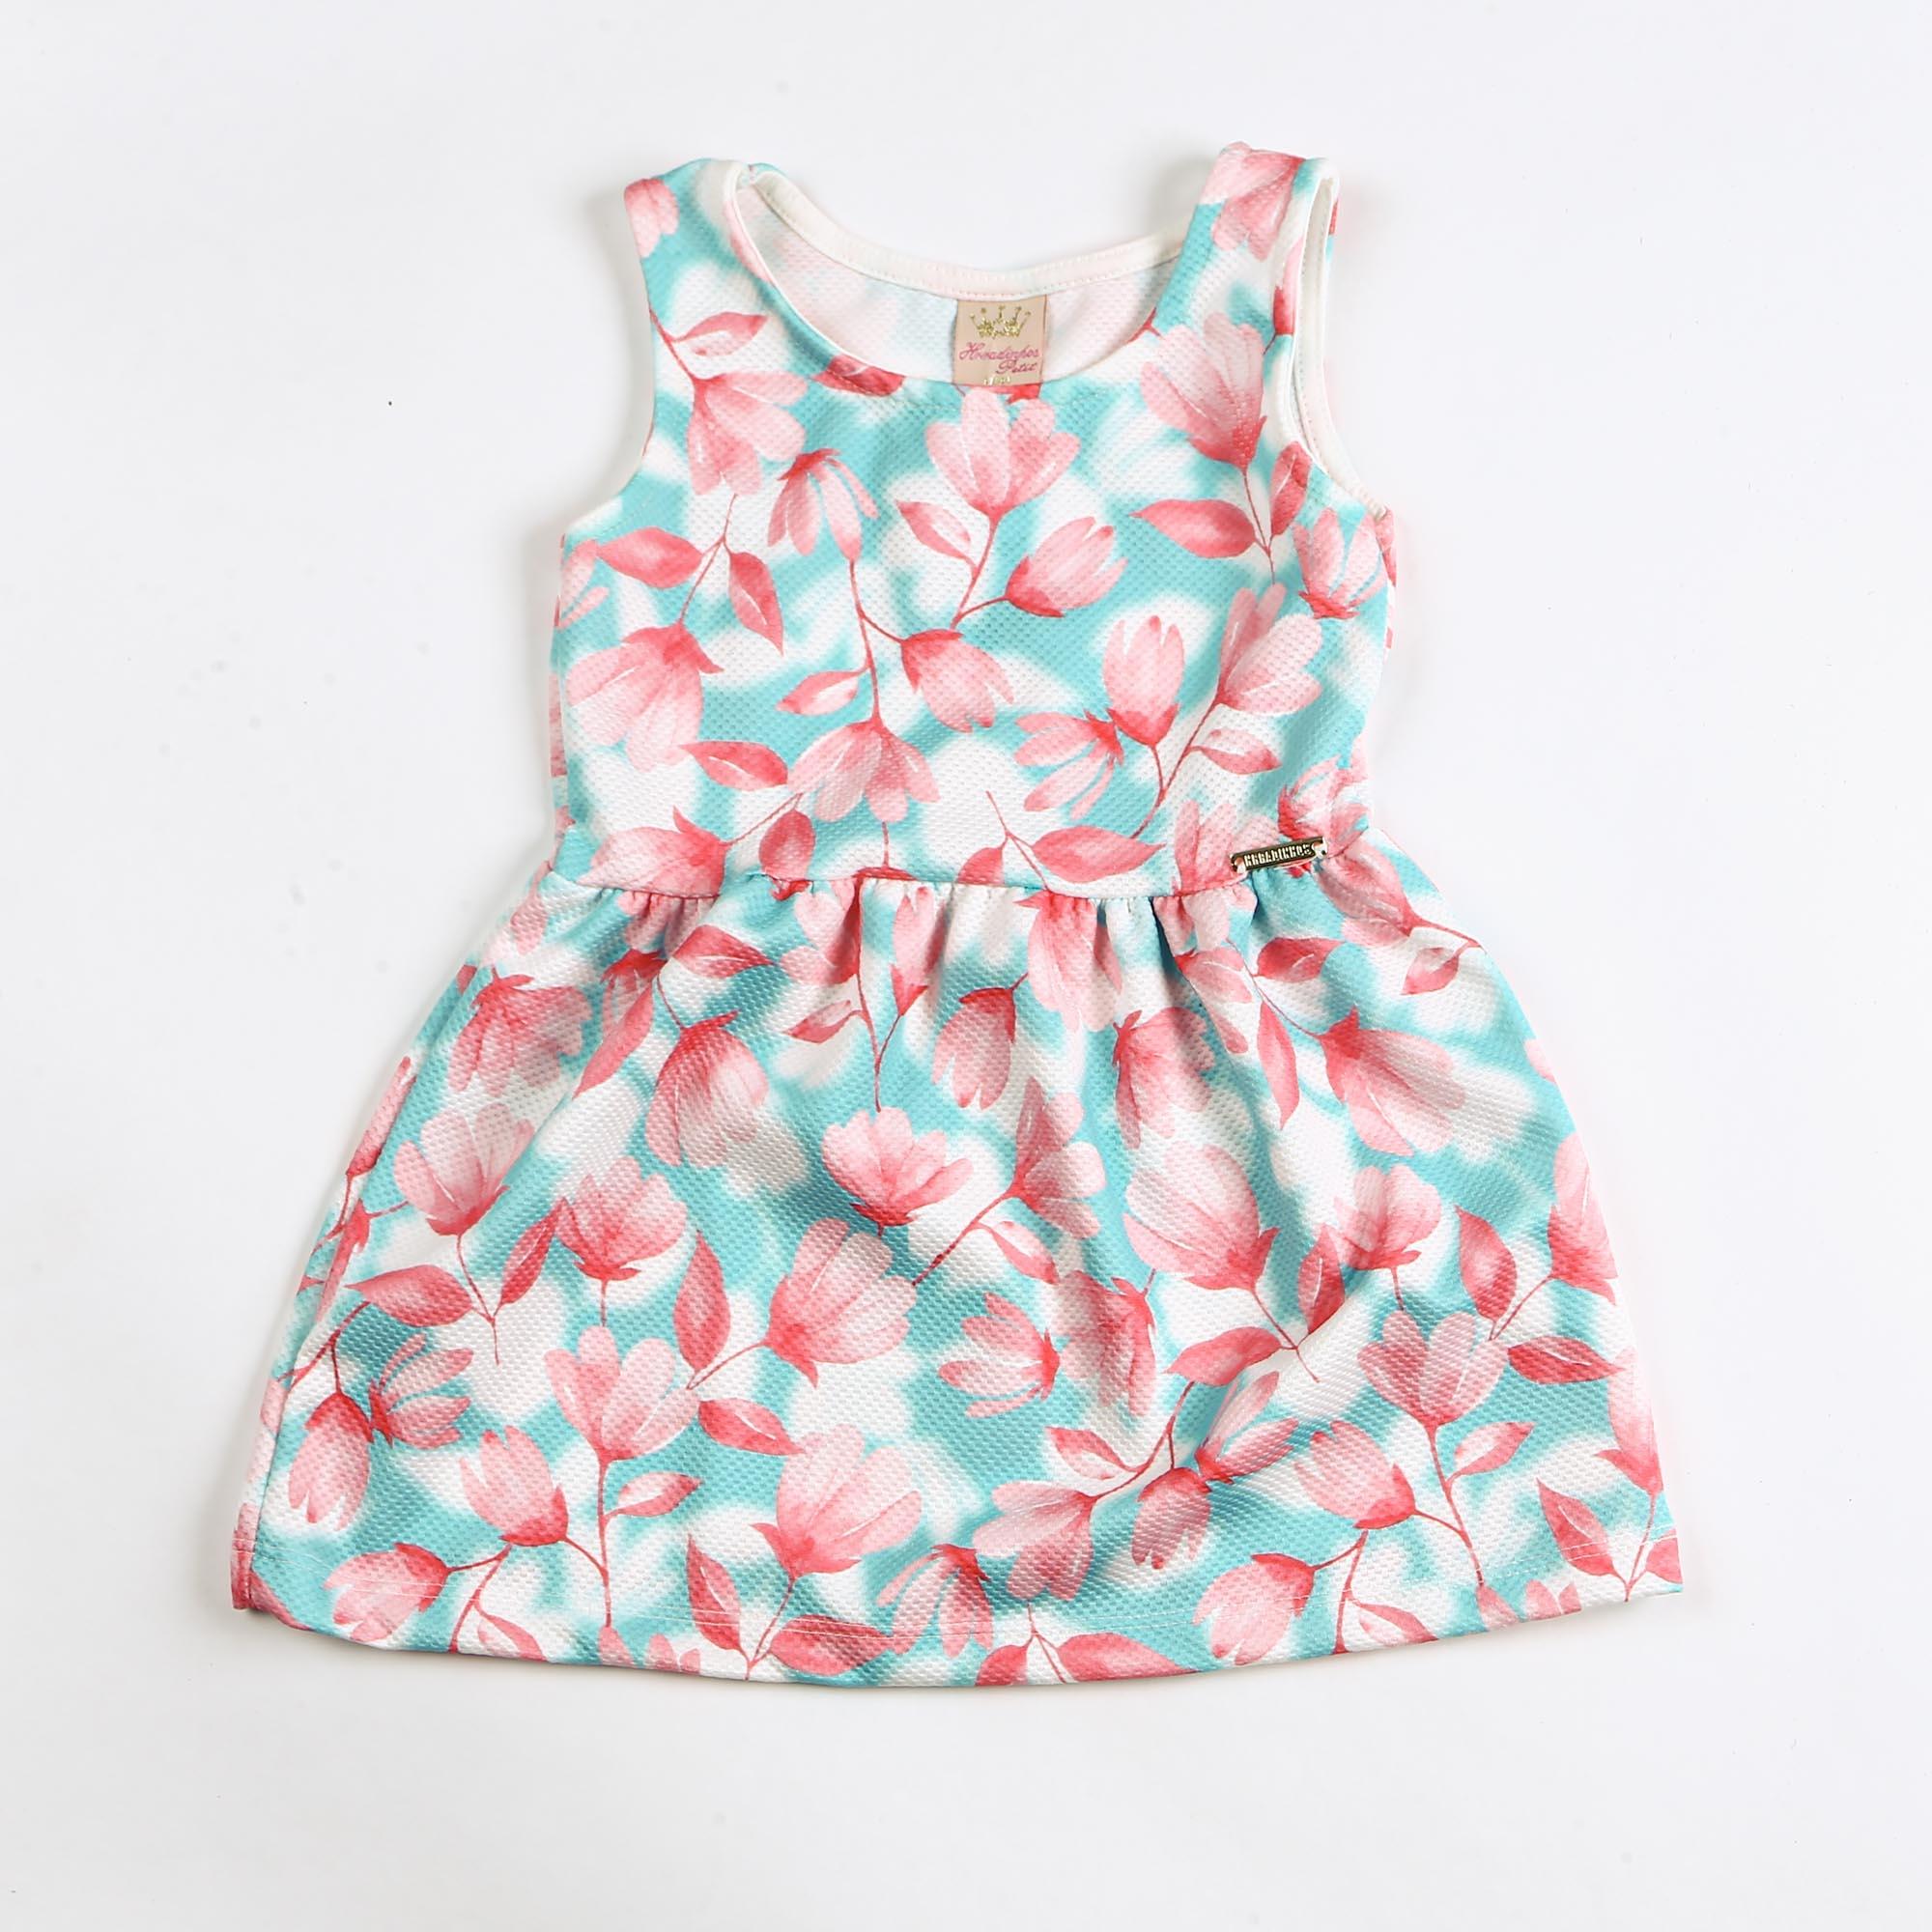 Vestido Infantil Regata Estampa Floral